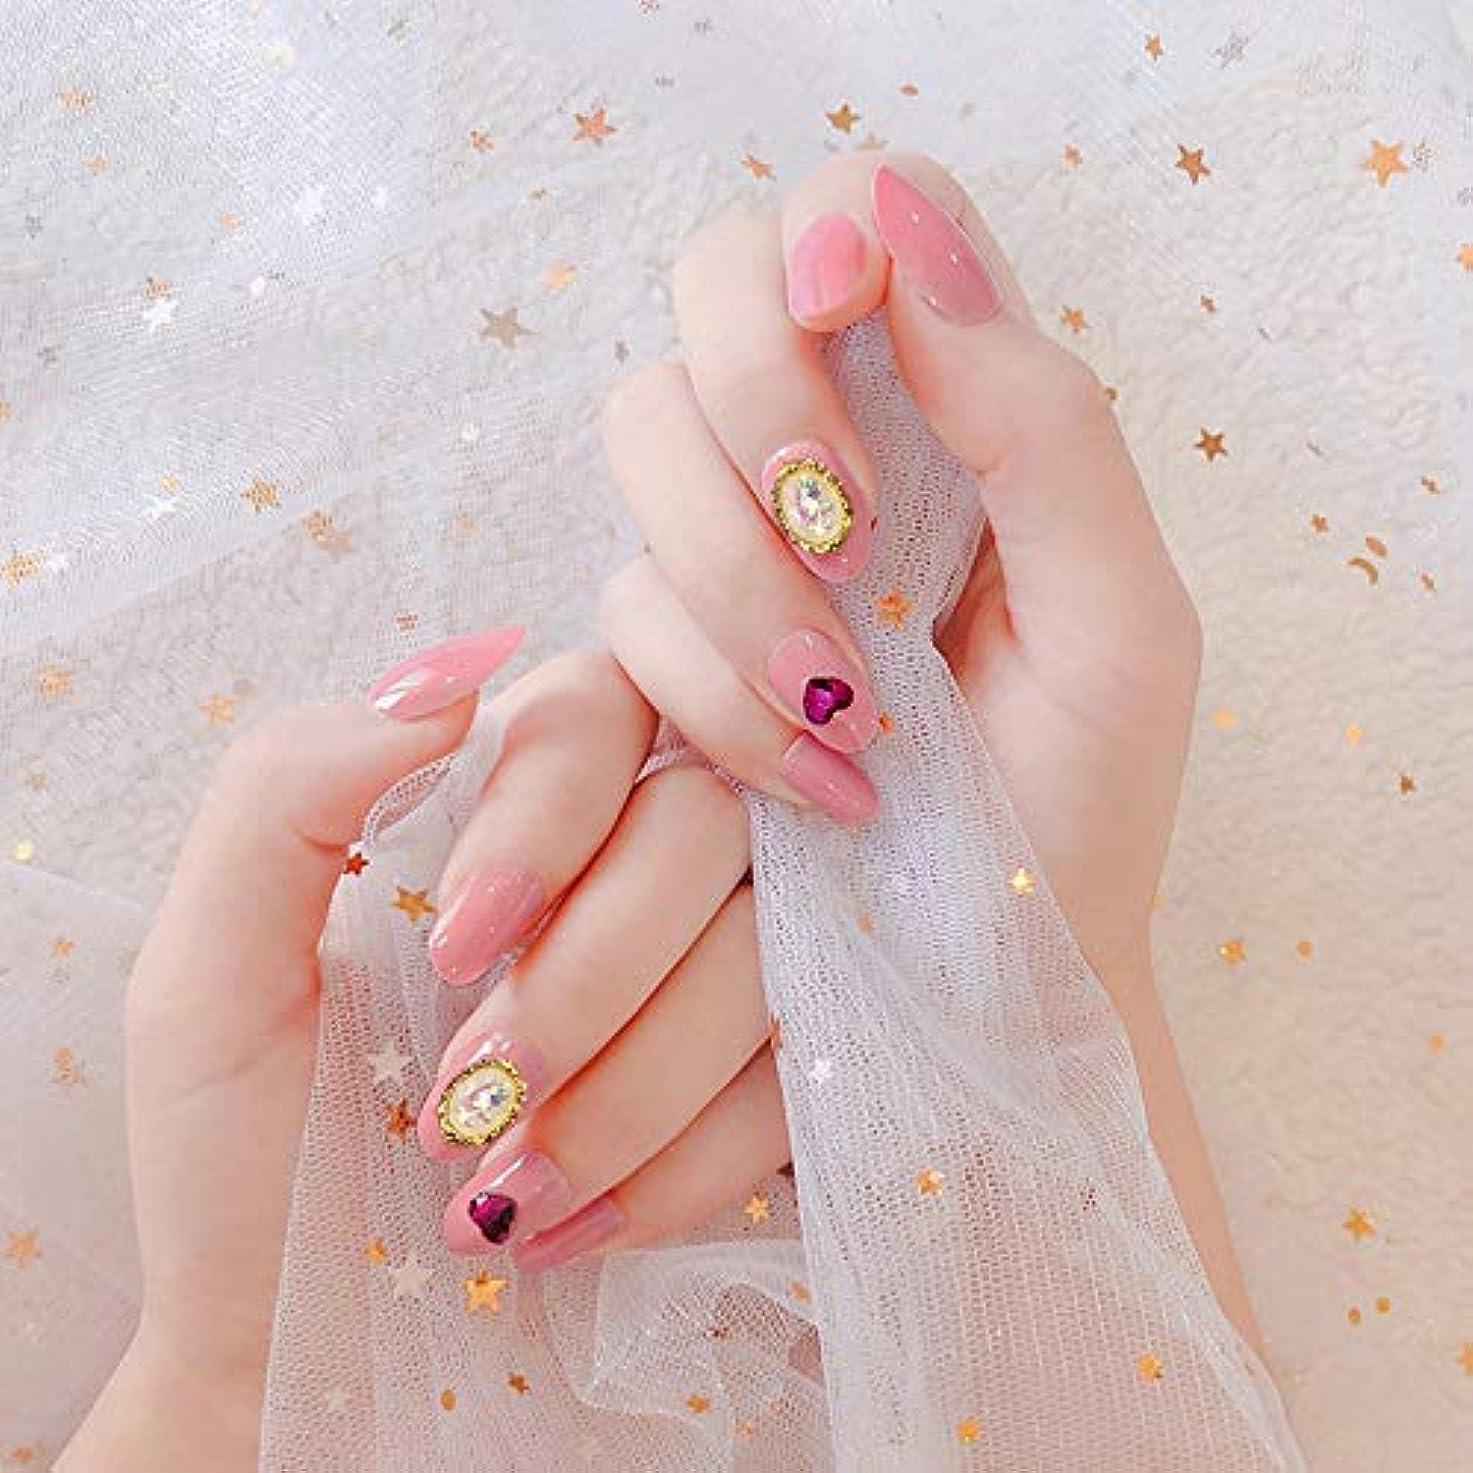 判決アジア人楽なXUTXZKA 24pcsピンクの偽の釘の釘の釘の先端の構造用具の女性のネイルアート